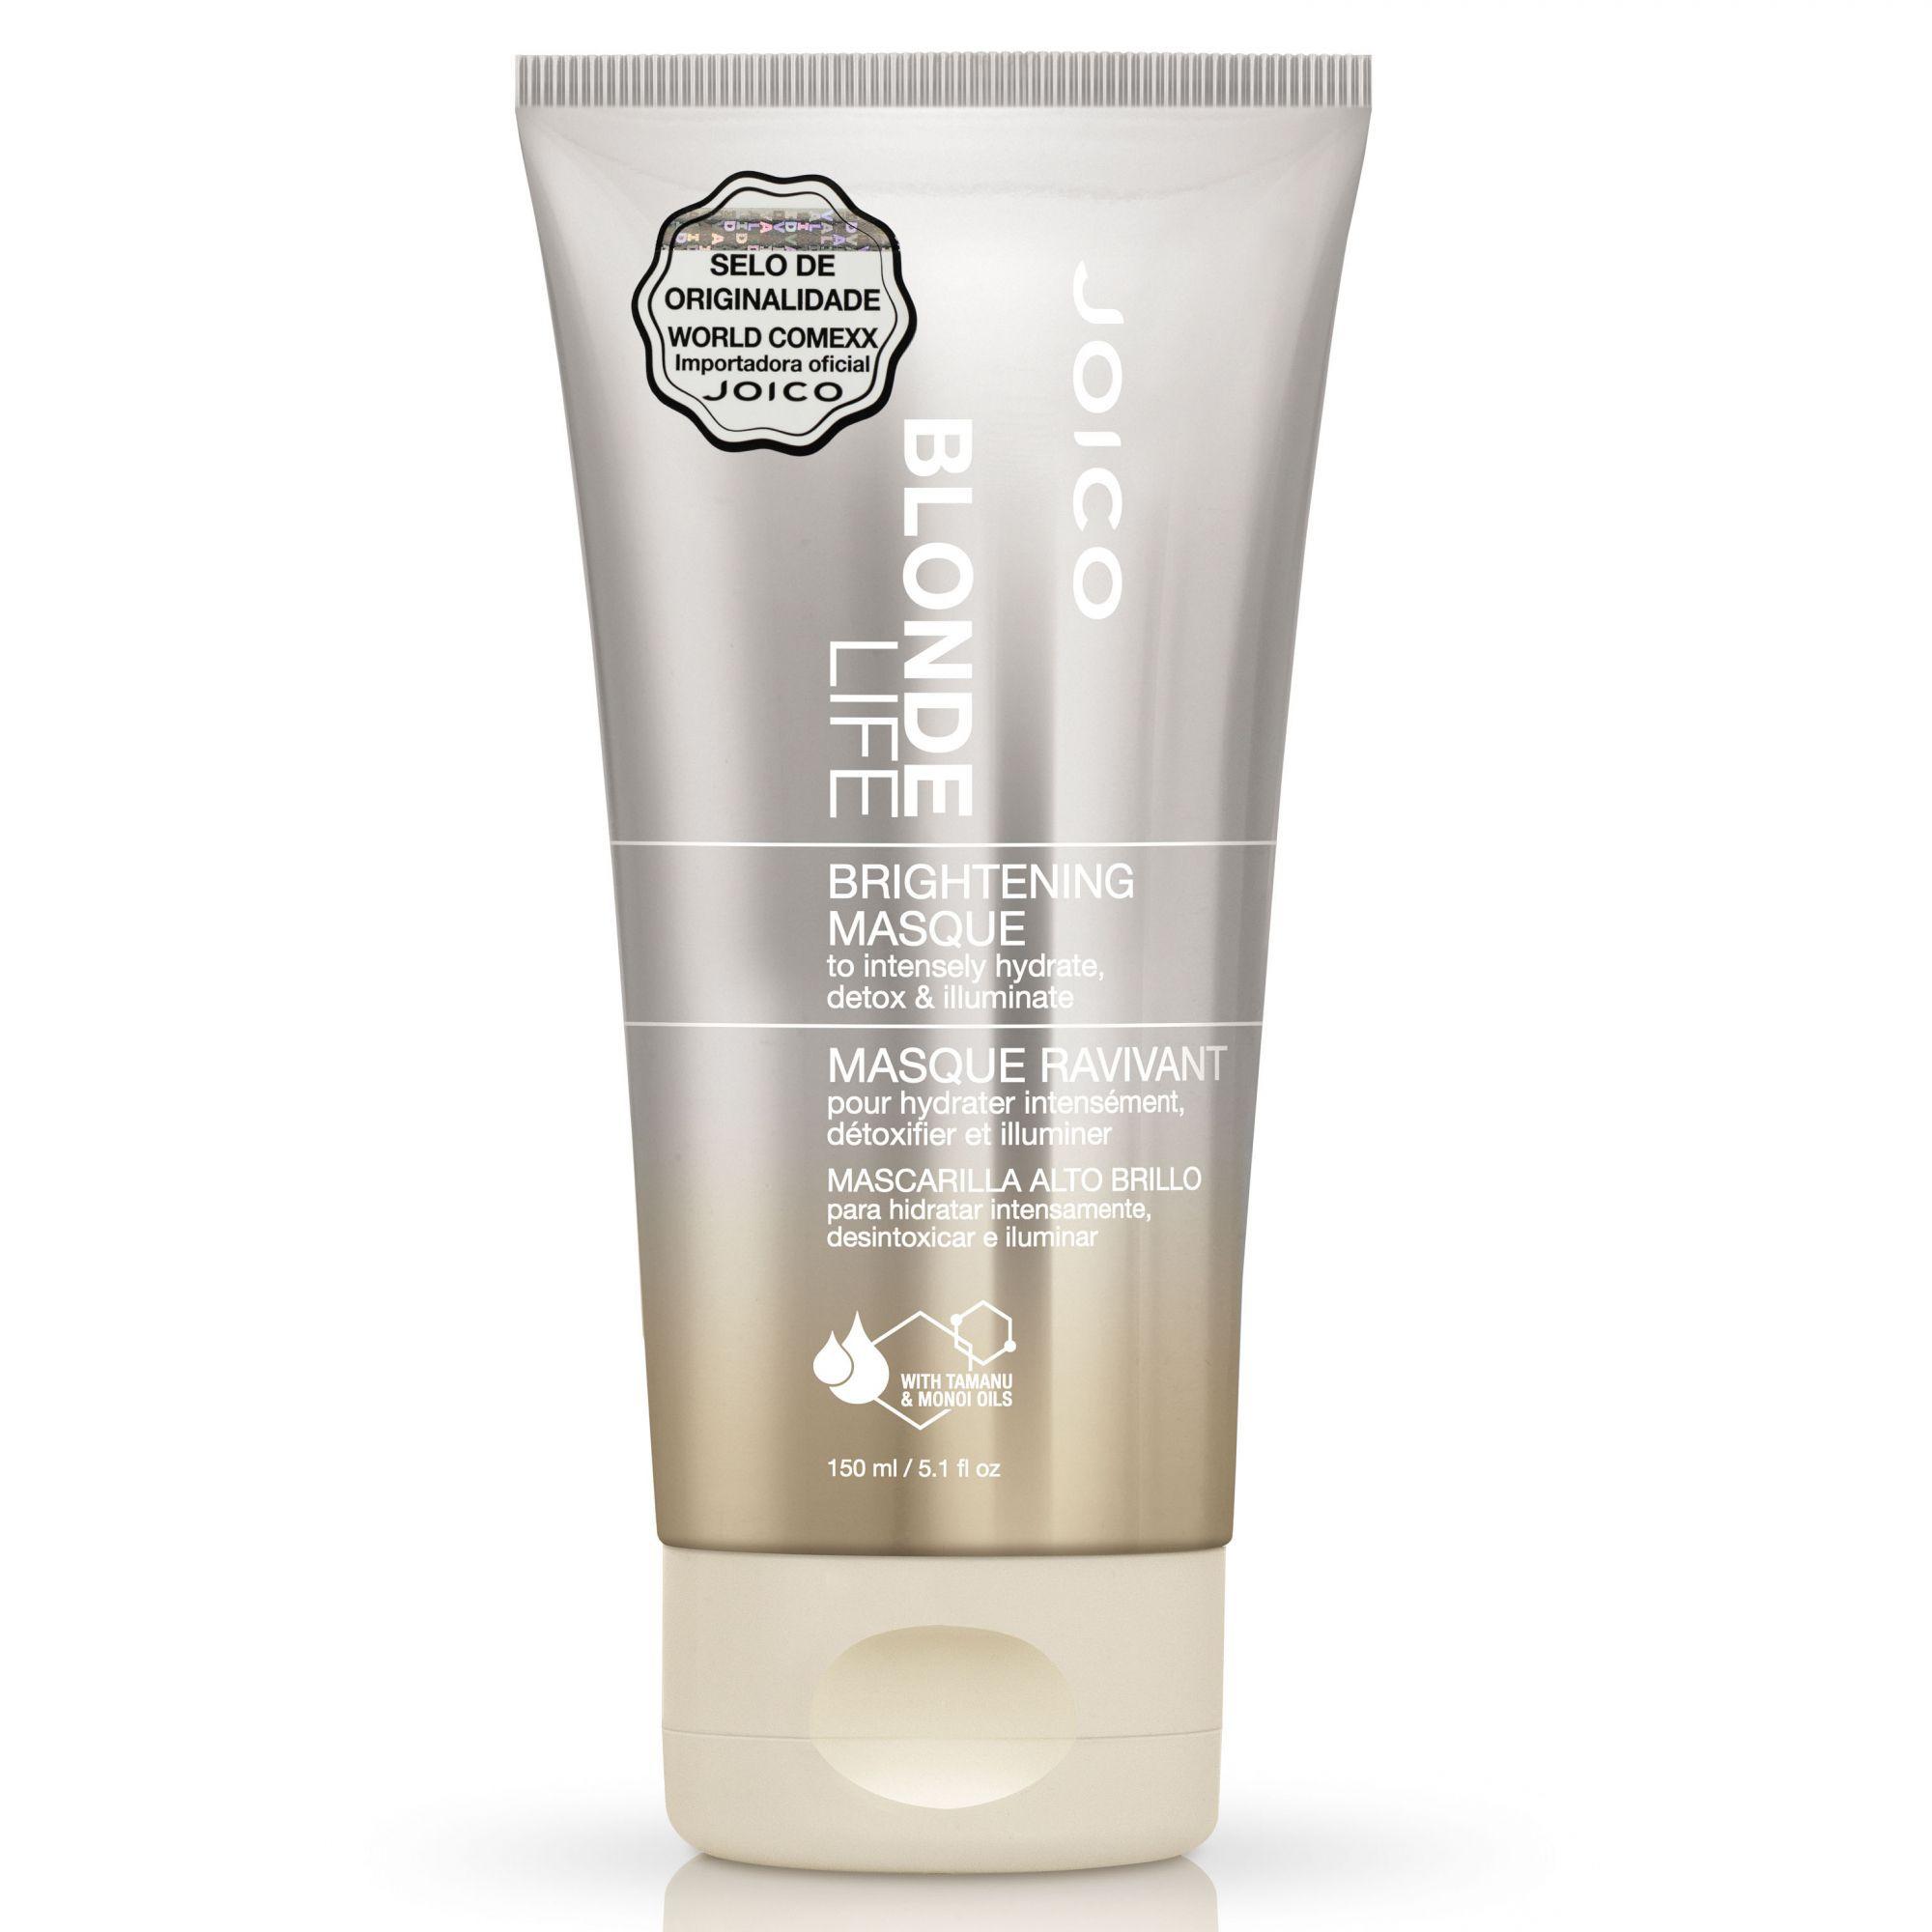 Máscara Blonde Life para Iluminação e Hidratação Joico - 150ml